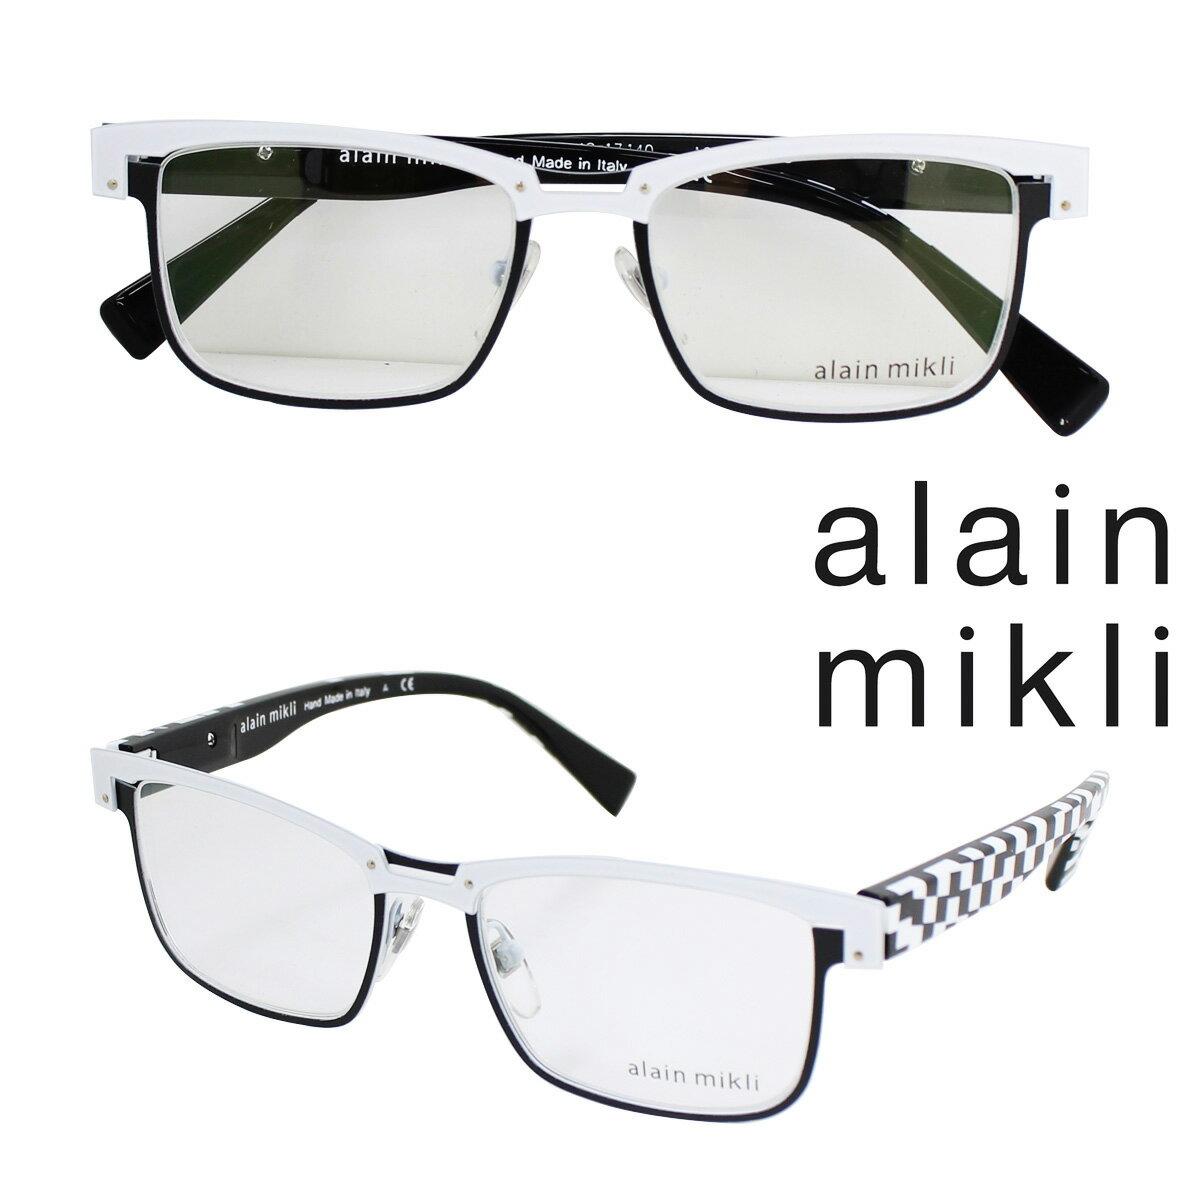 スタルクアイズ STARCK EYES alain mikli メガネ 眼鏡 イタリア製 メンズ レディース 【返品不可】